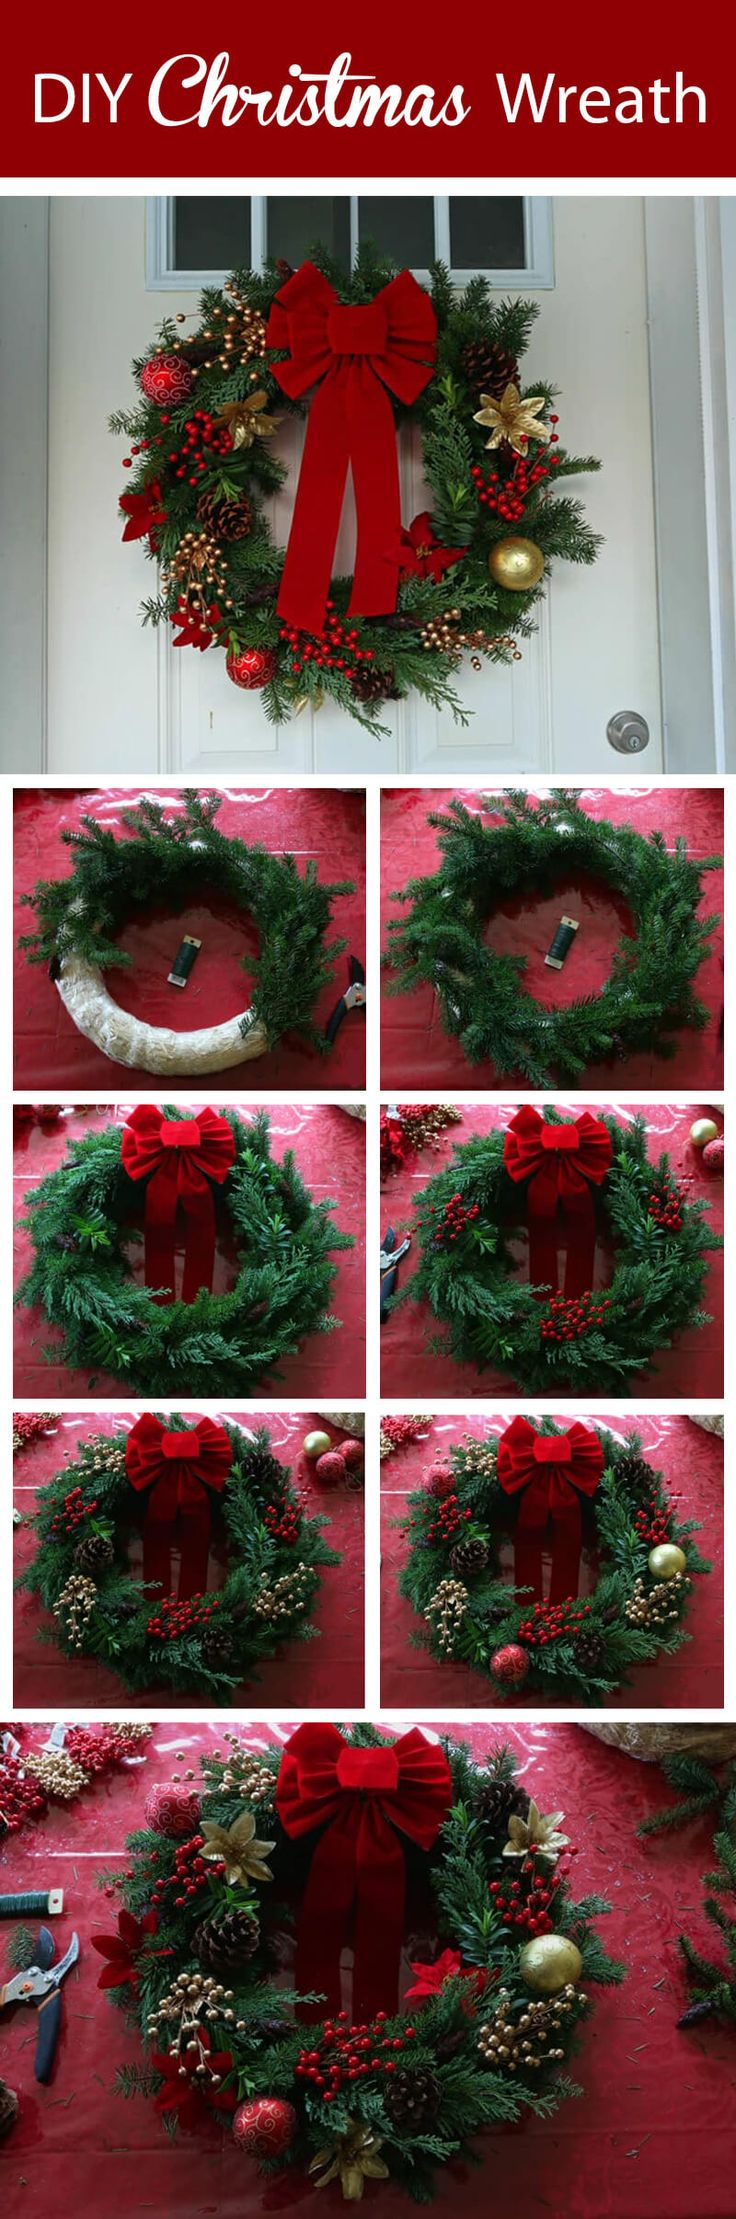 25+ unique Christmas wreaths ideas on Pinterest ...